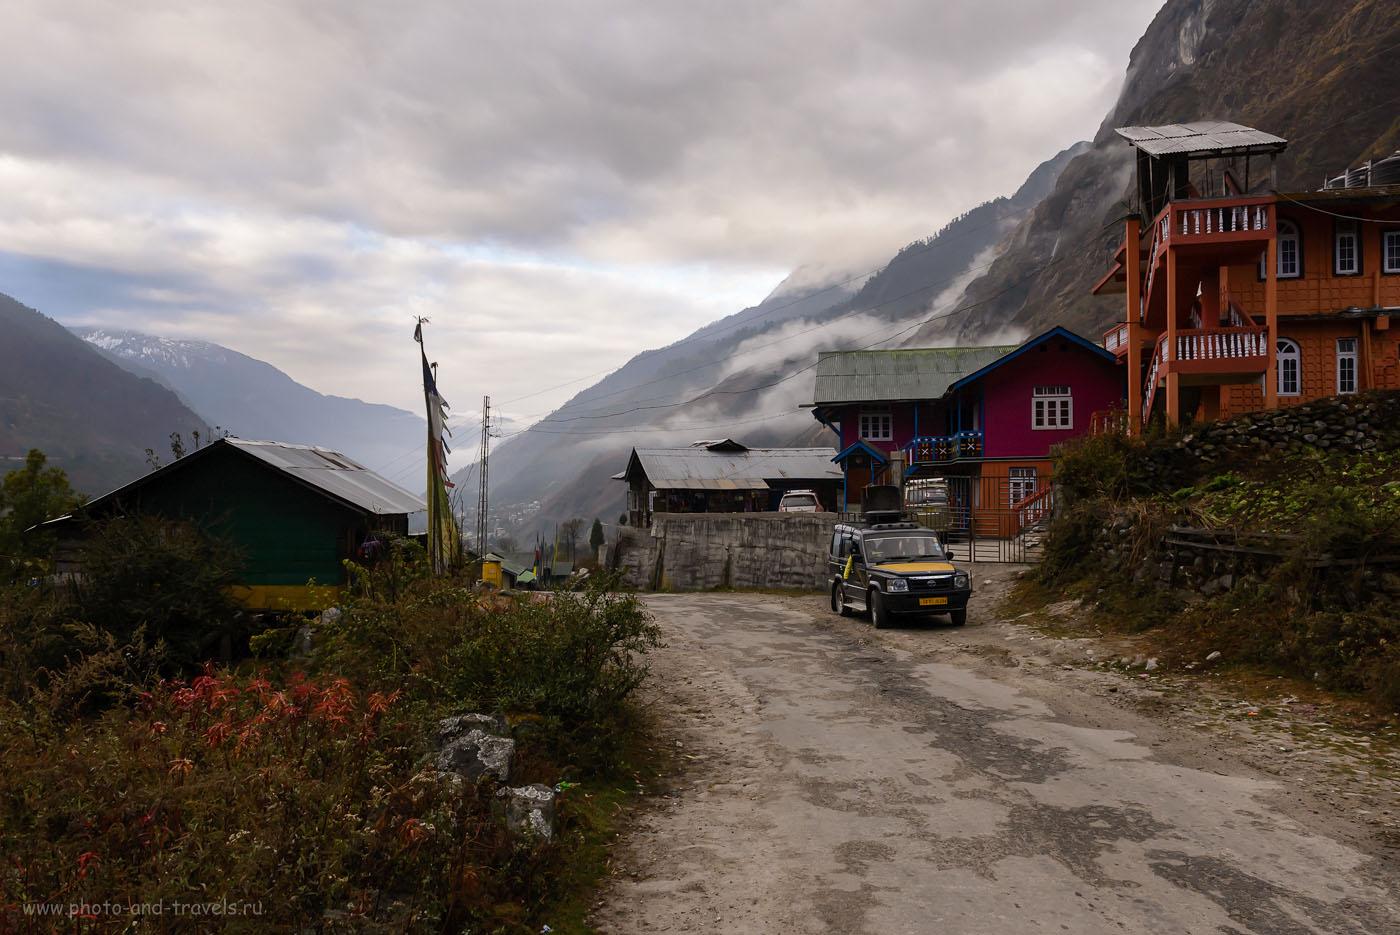 10. Деревня Lachung – последнее поселение перед Yumthang Valley. Сейчас быстро отстраивается туристическая инфраструктура, очарование теряется. Думаю, лет через пять, здесь уже не будет никакой магии заброшенной в Гималаях земли. Отчет о поездке в Сикким в Индии. 8.0, 1/250, 800, -2.0 EV, 24.